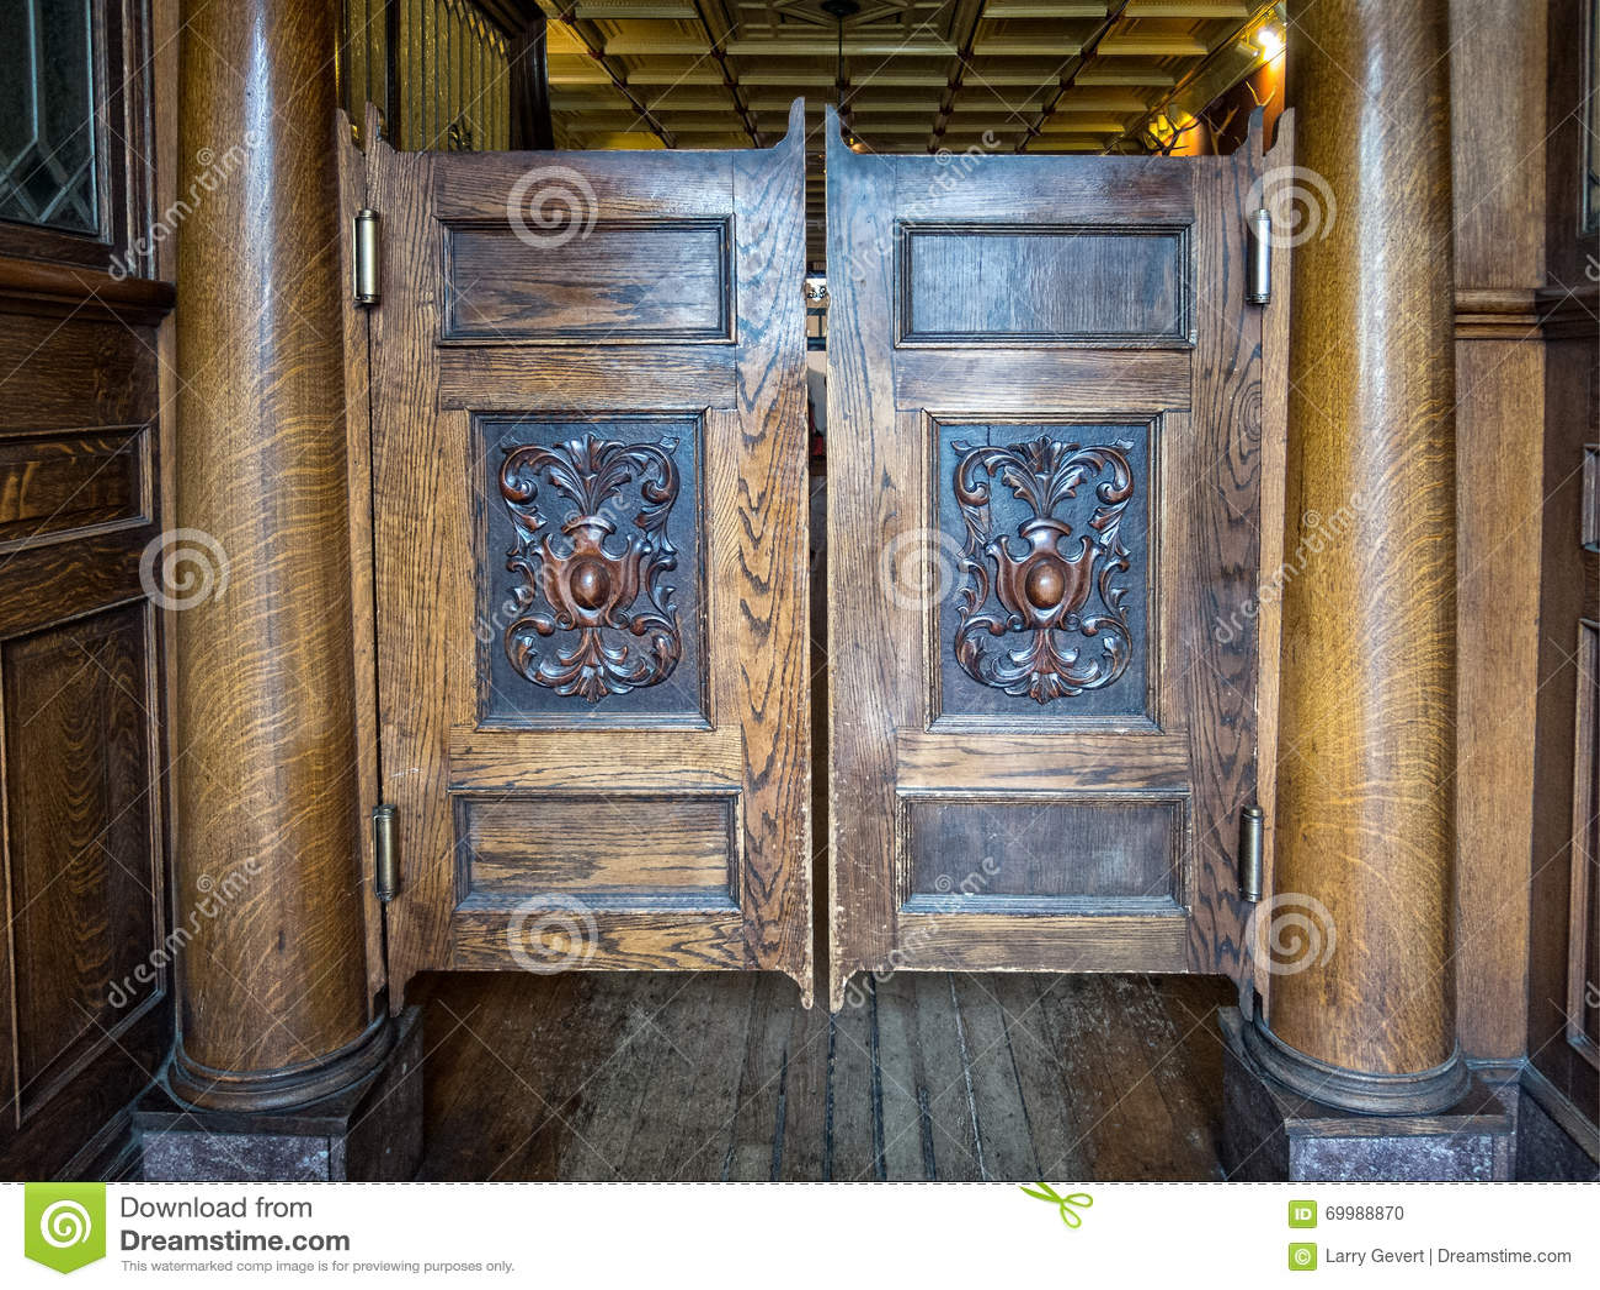 Saloon doors & Saloon Doors Stock Photo - Image: 69988870 Pezcame.Com